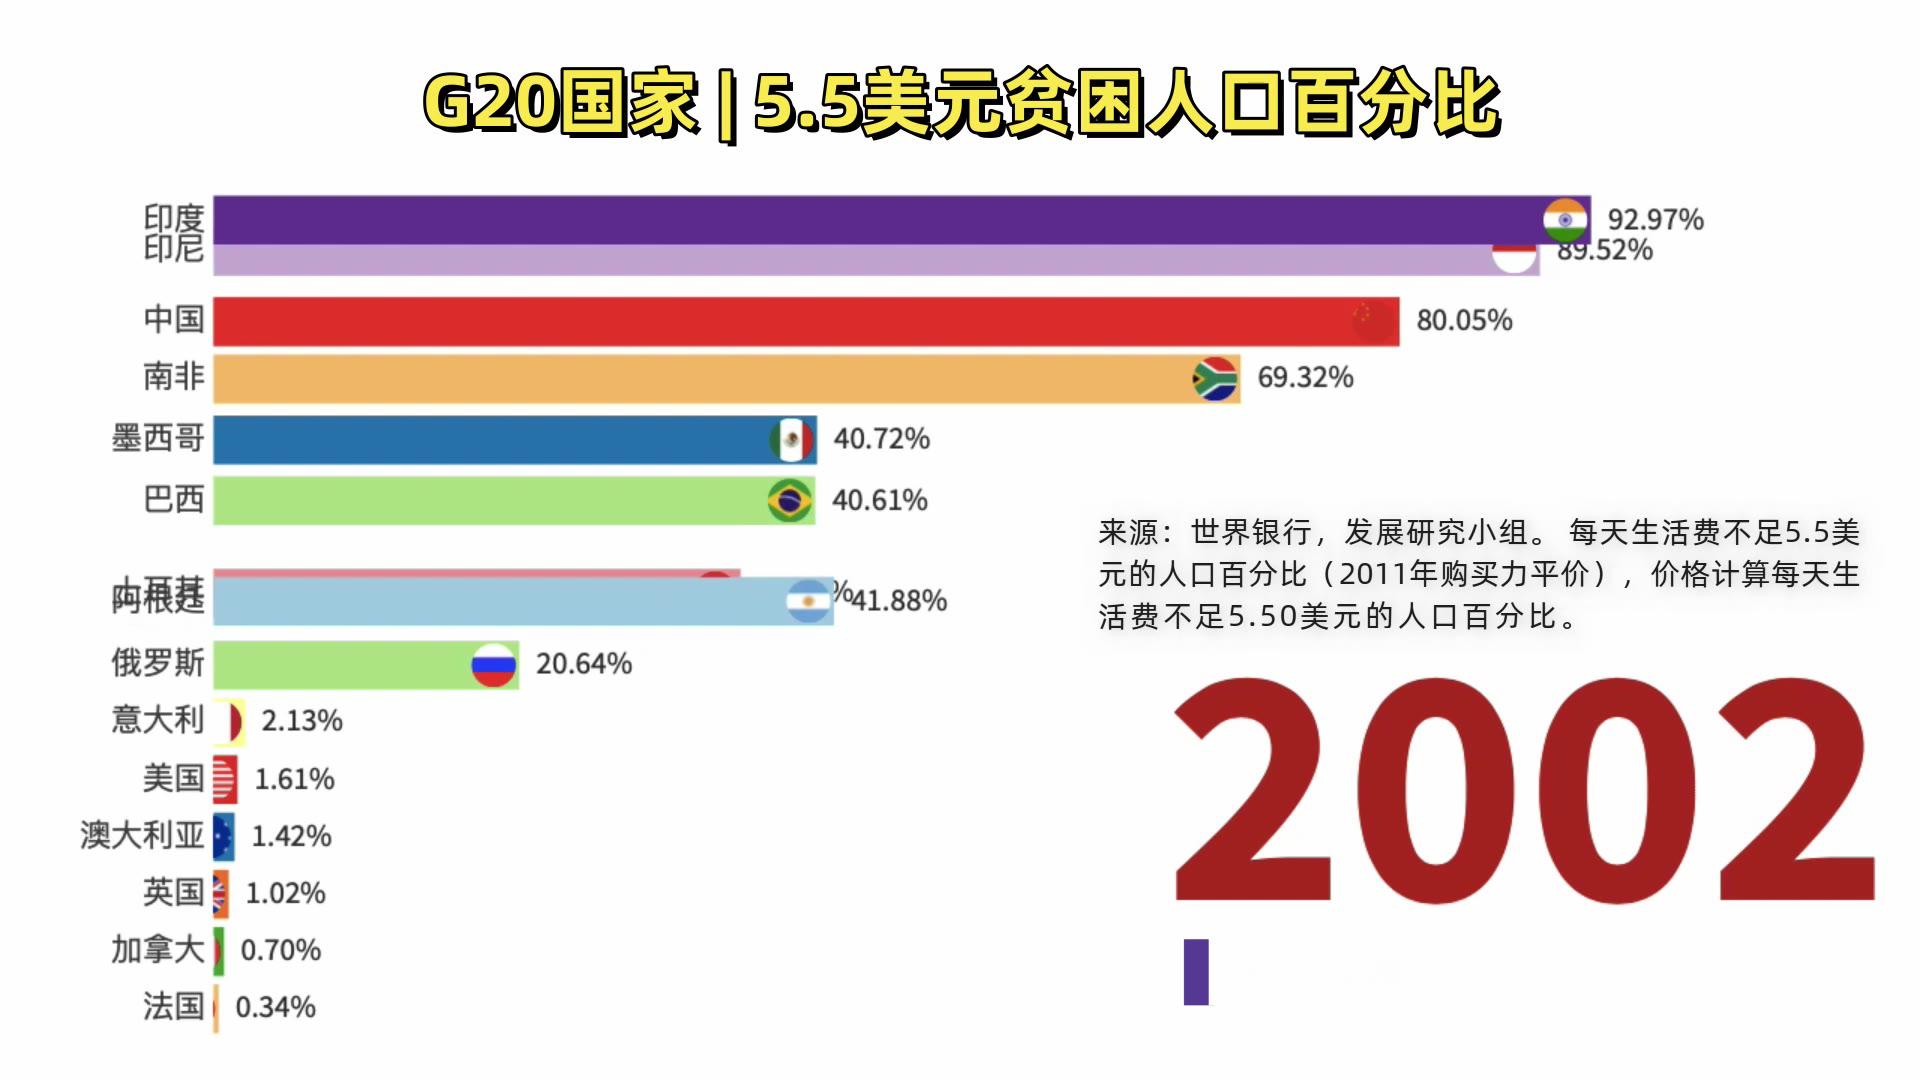 全球竟有34亿贫困人口,中国有多少?G20国家贫困人口排名!